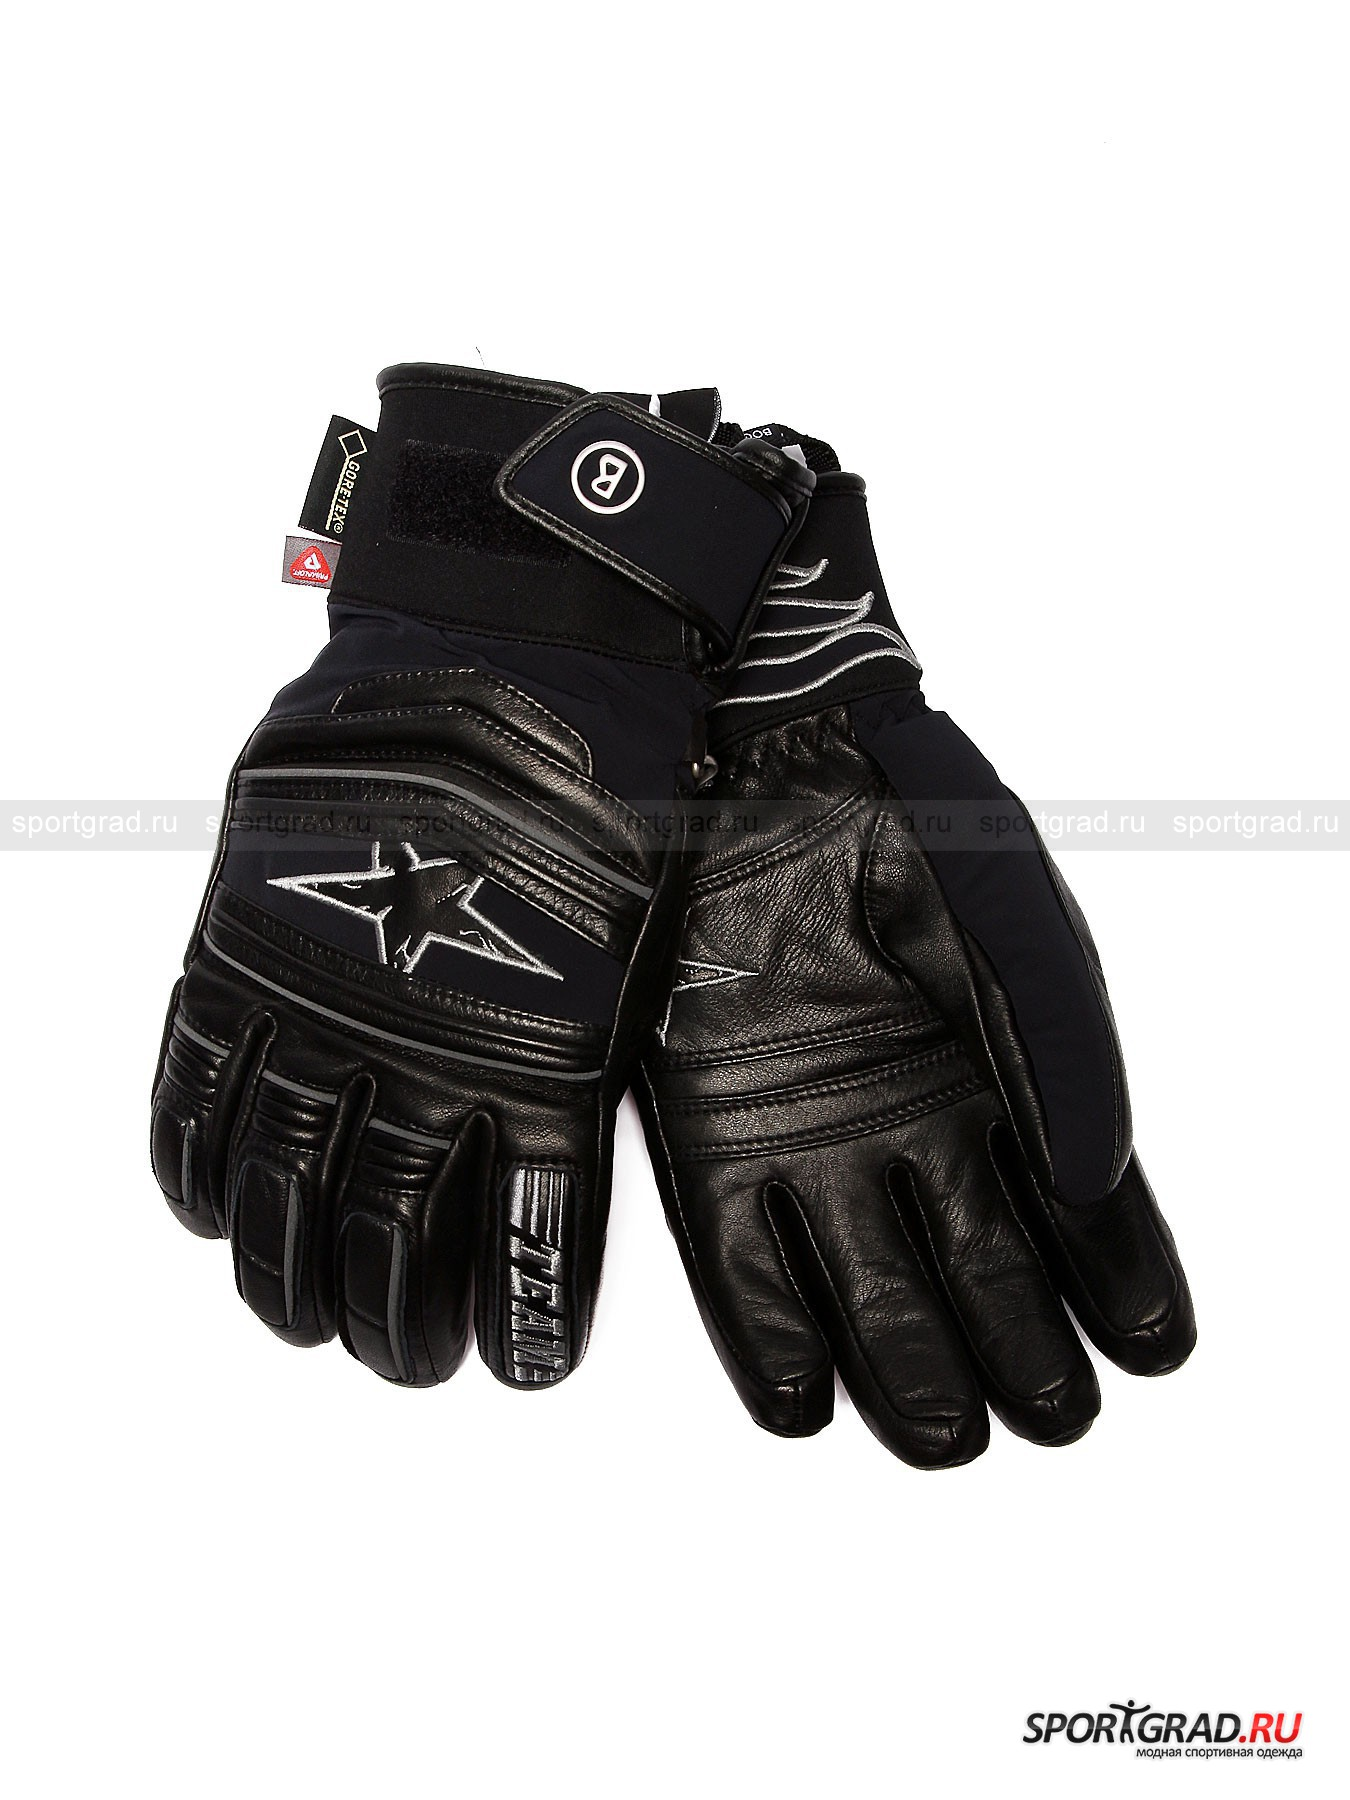 Перчатки мужские Pedro gtx  BOGNER для горнолыжного спорта от Спортград